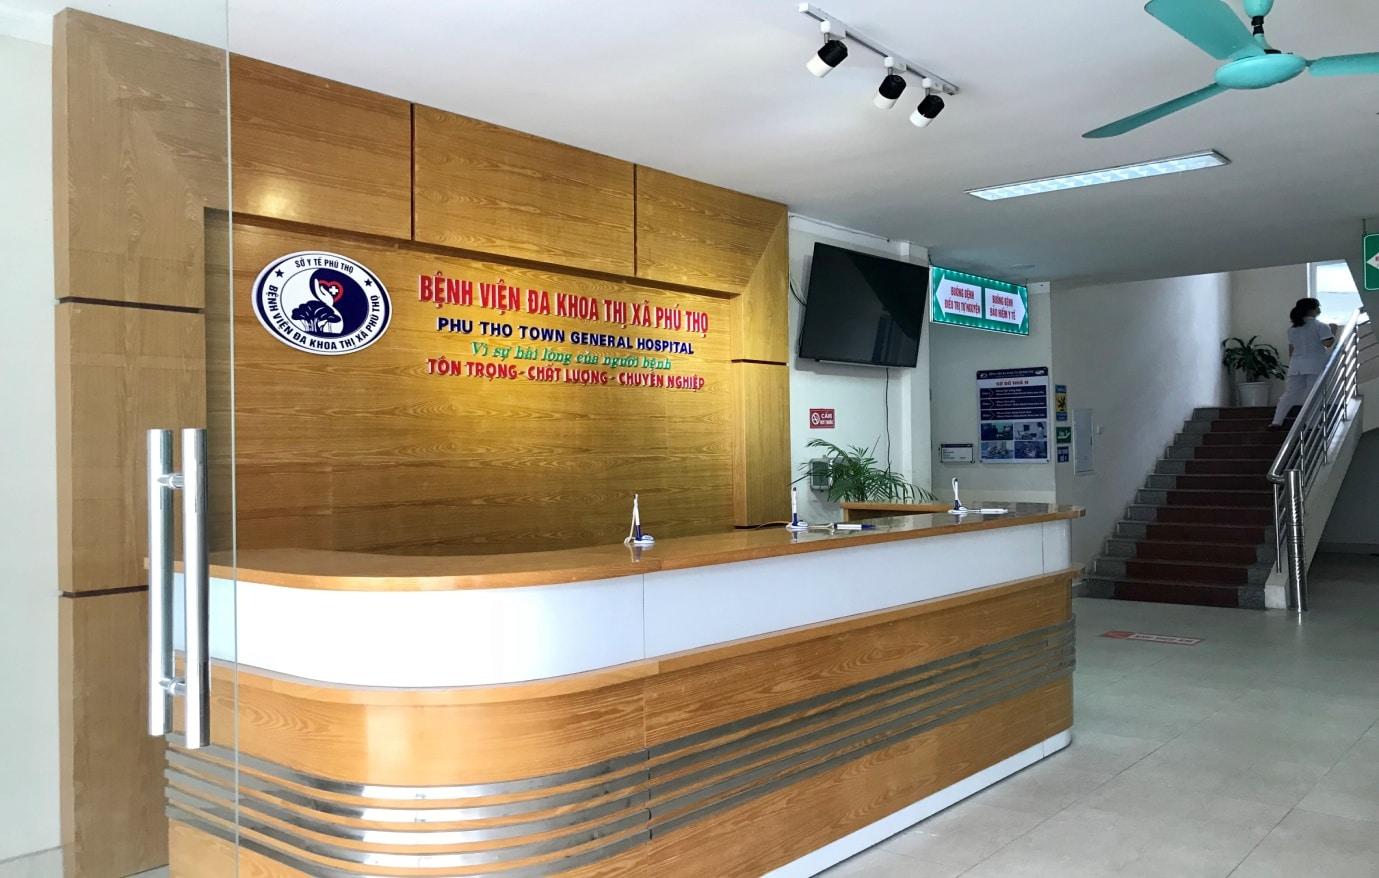 Bệnh viện Đa khoa Thị xã Phú Thọ